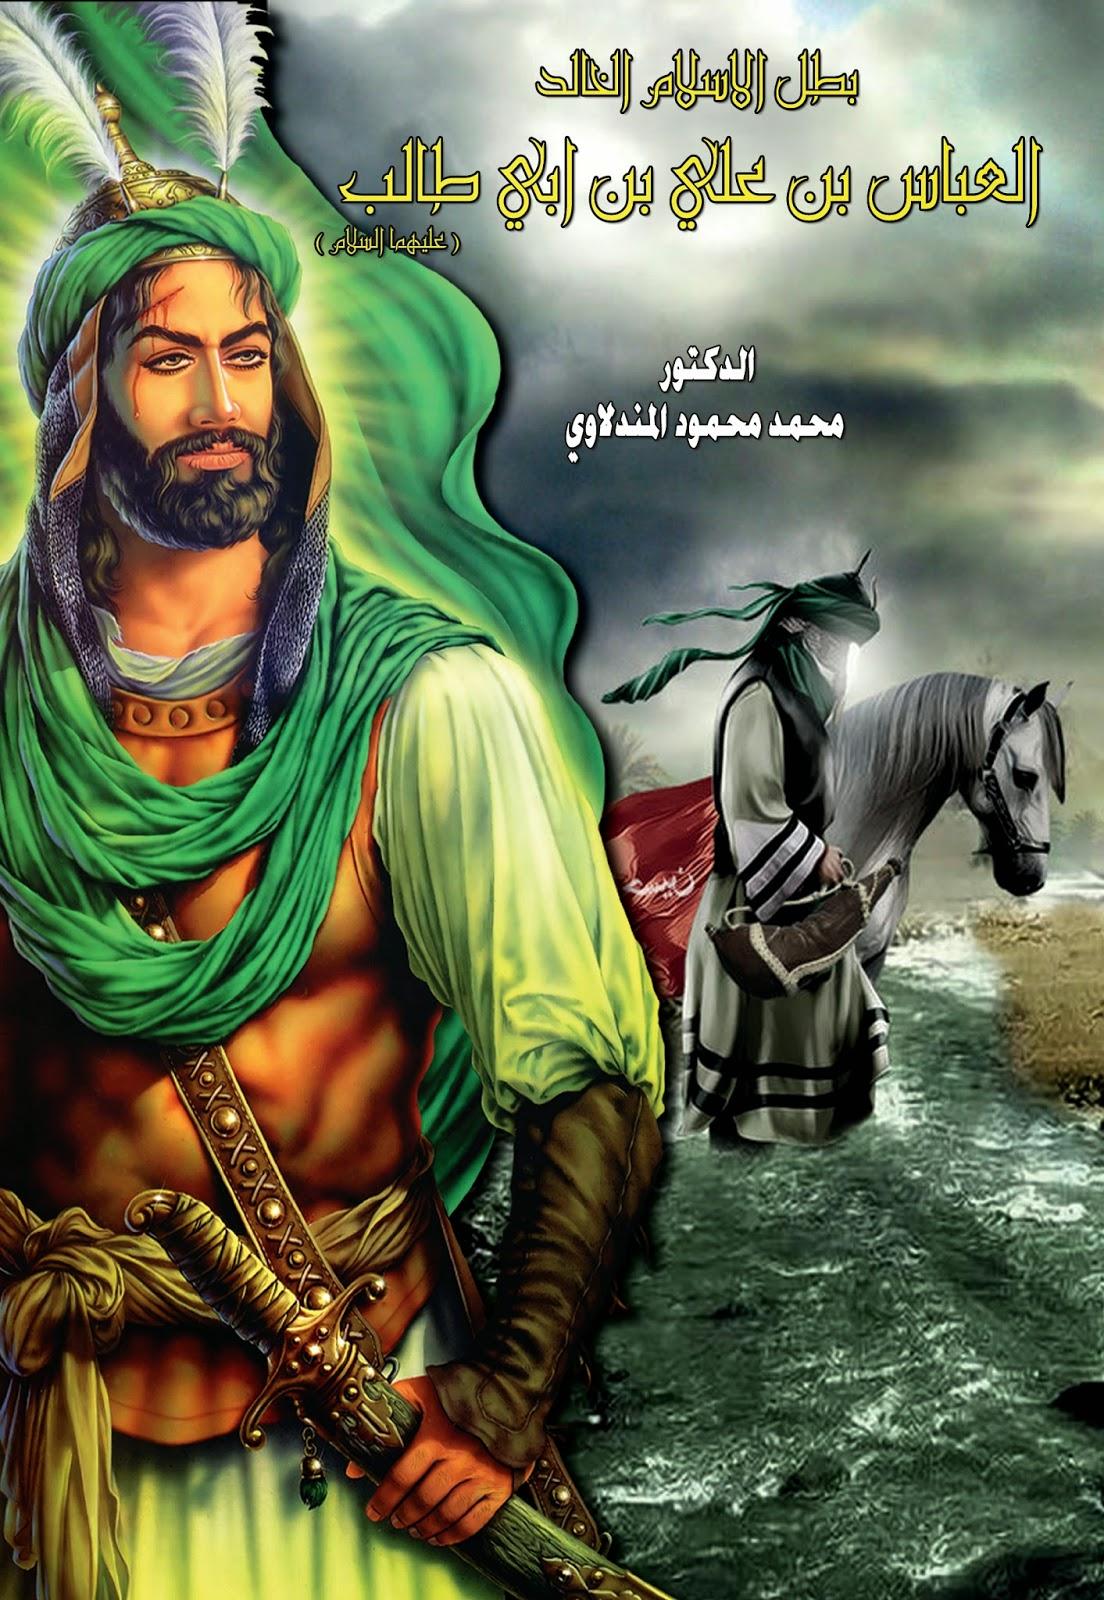 كتاب علي بن ابي طالب الجفر